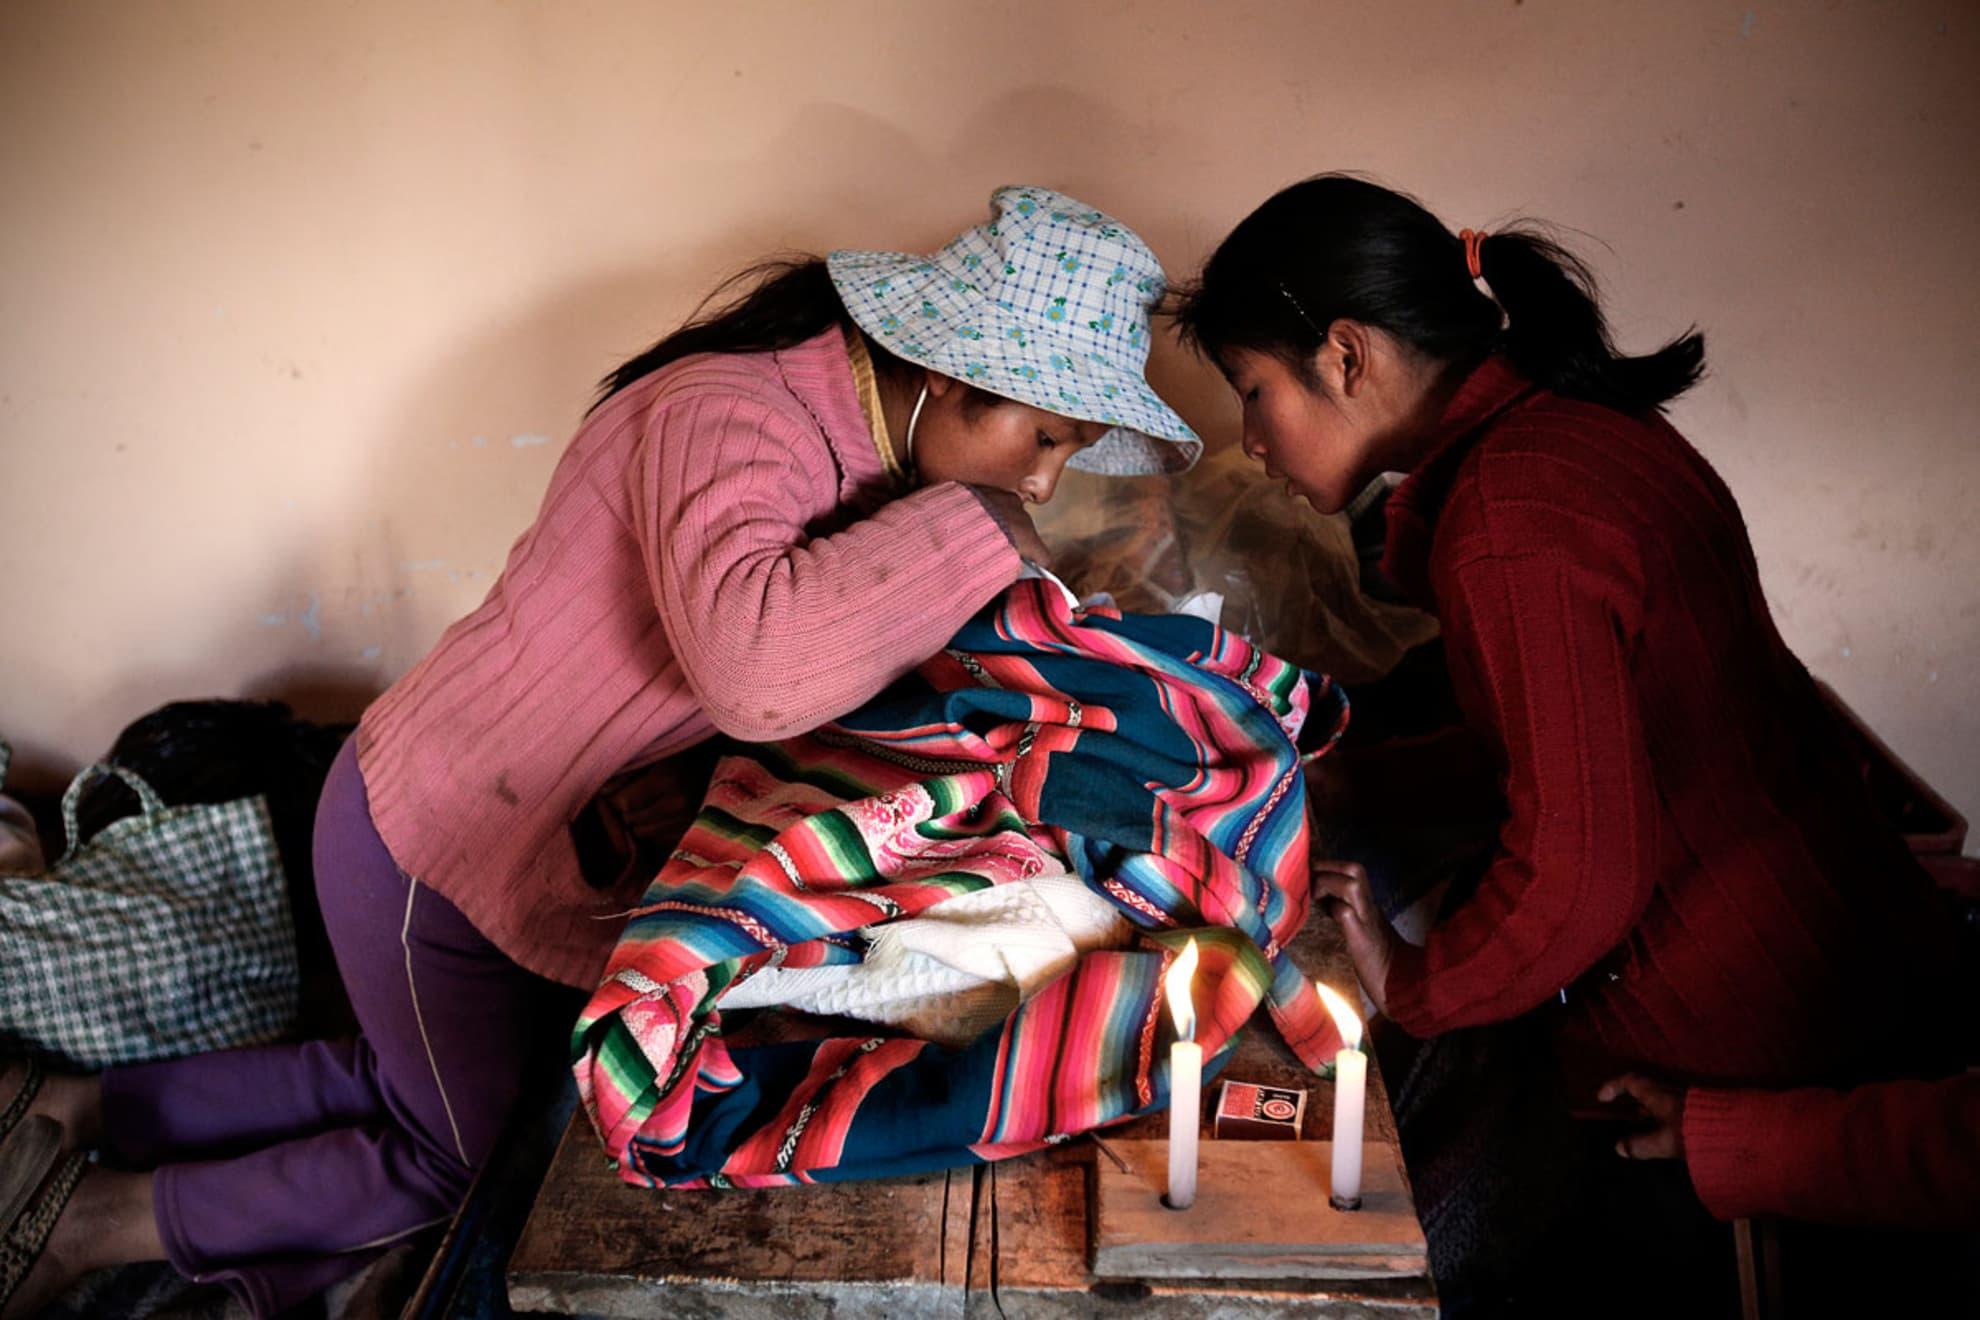 Las hijas de Andrea Paris Mamani observan el cuerpo del bebe que acaba de dar a luz su madre. El bebe nació muerto.